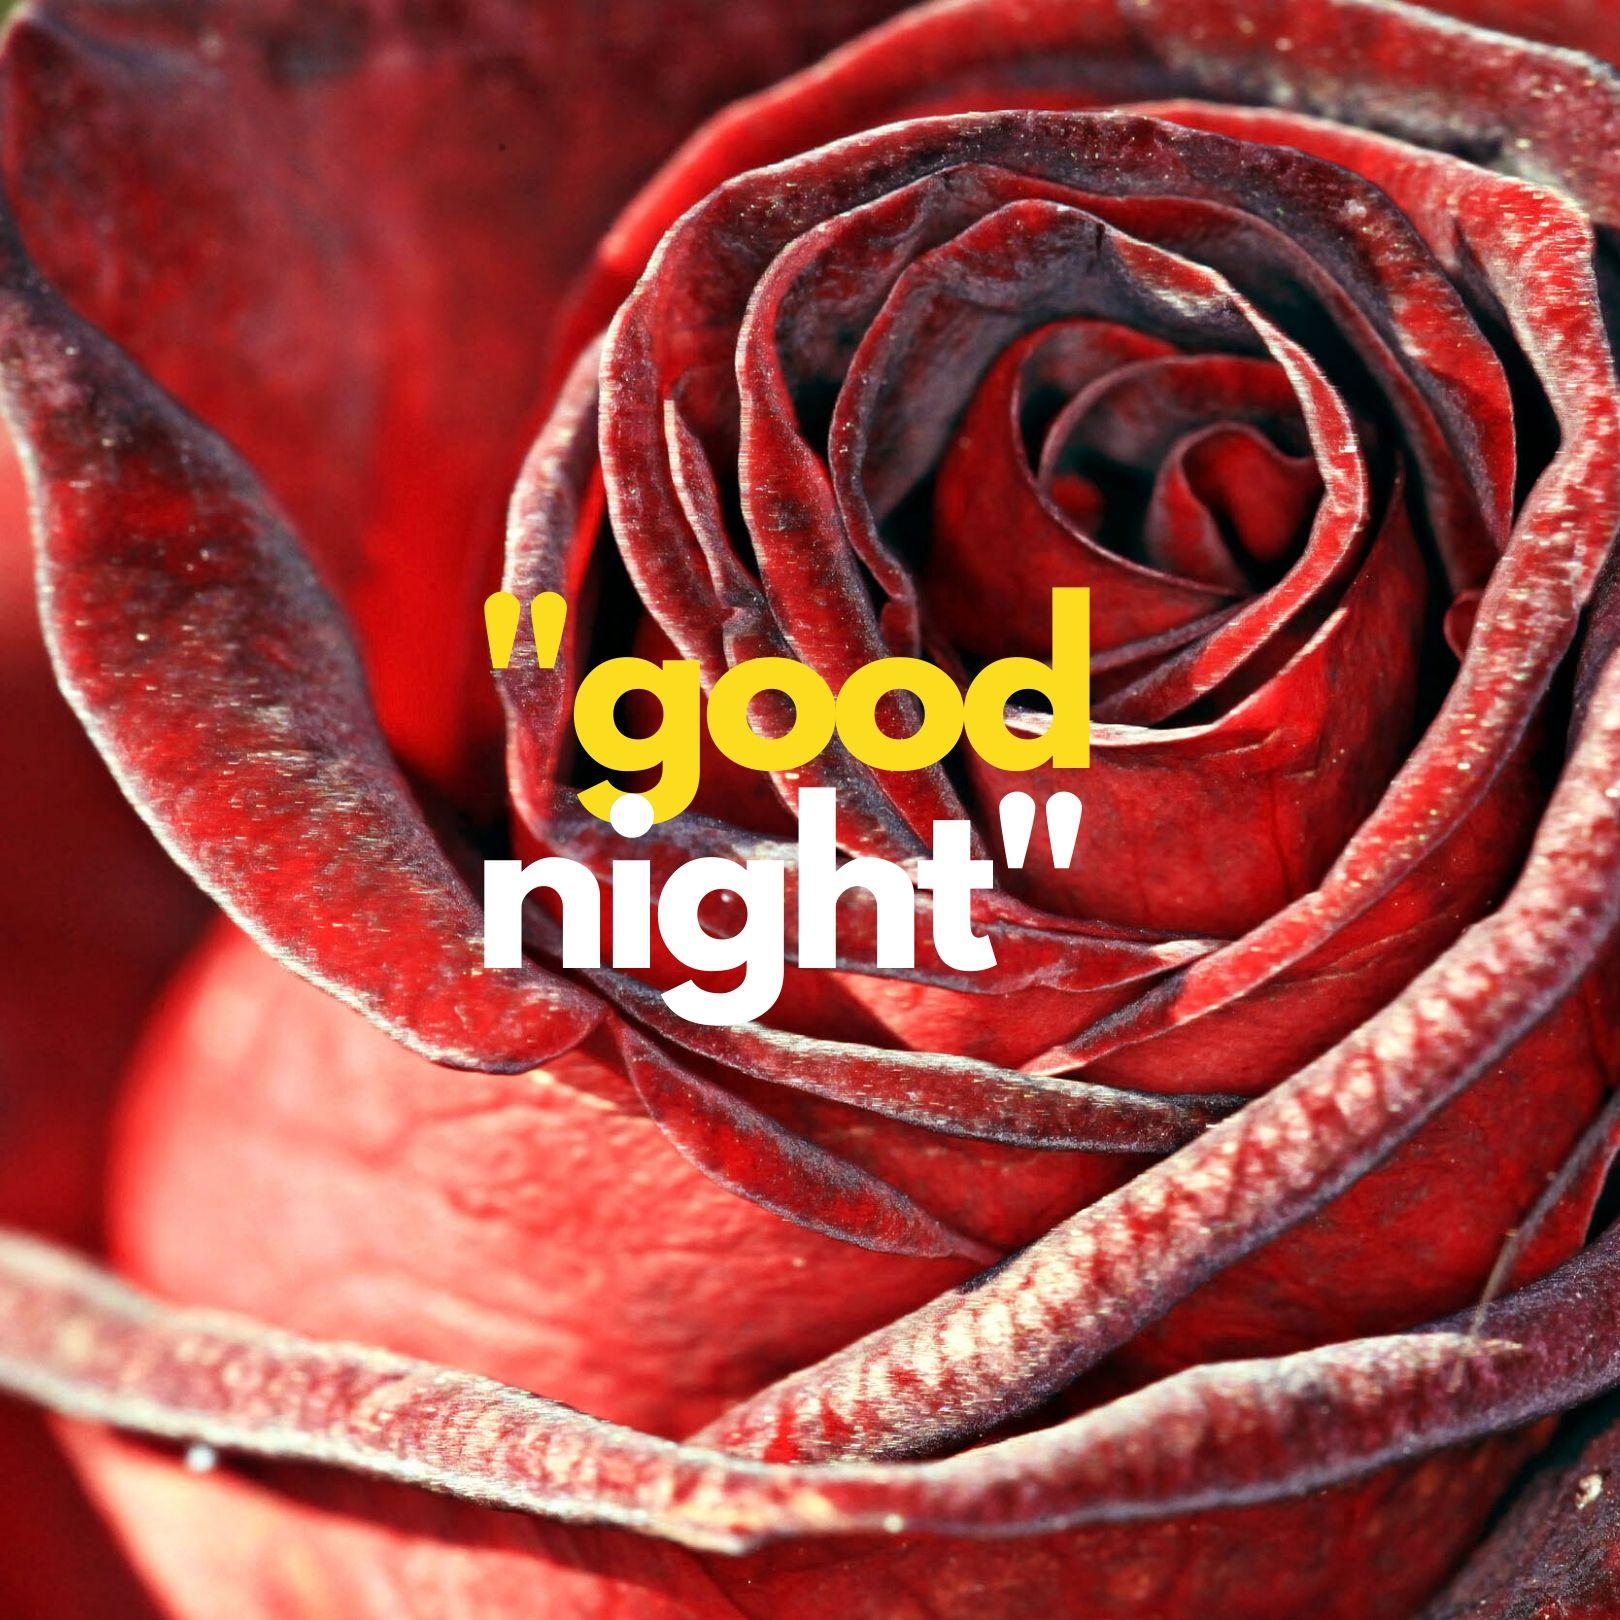 Sweet rose Good Night image full HD free download.